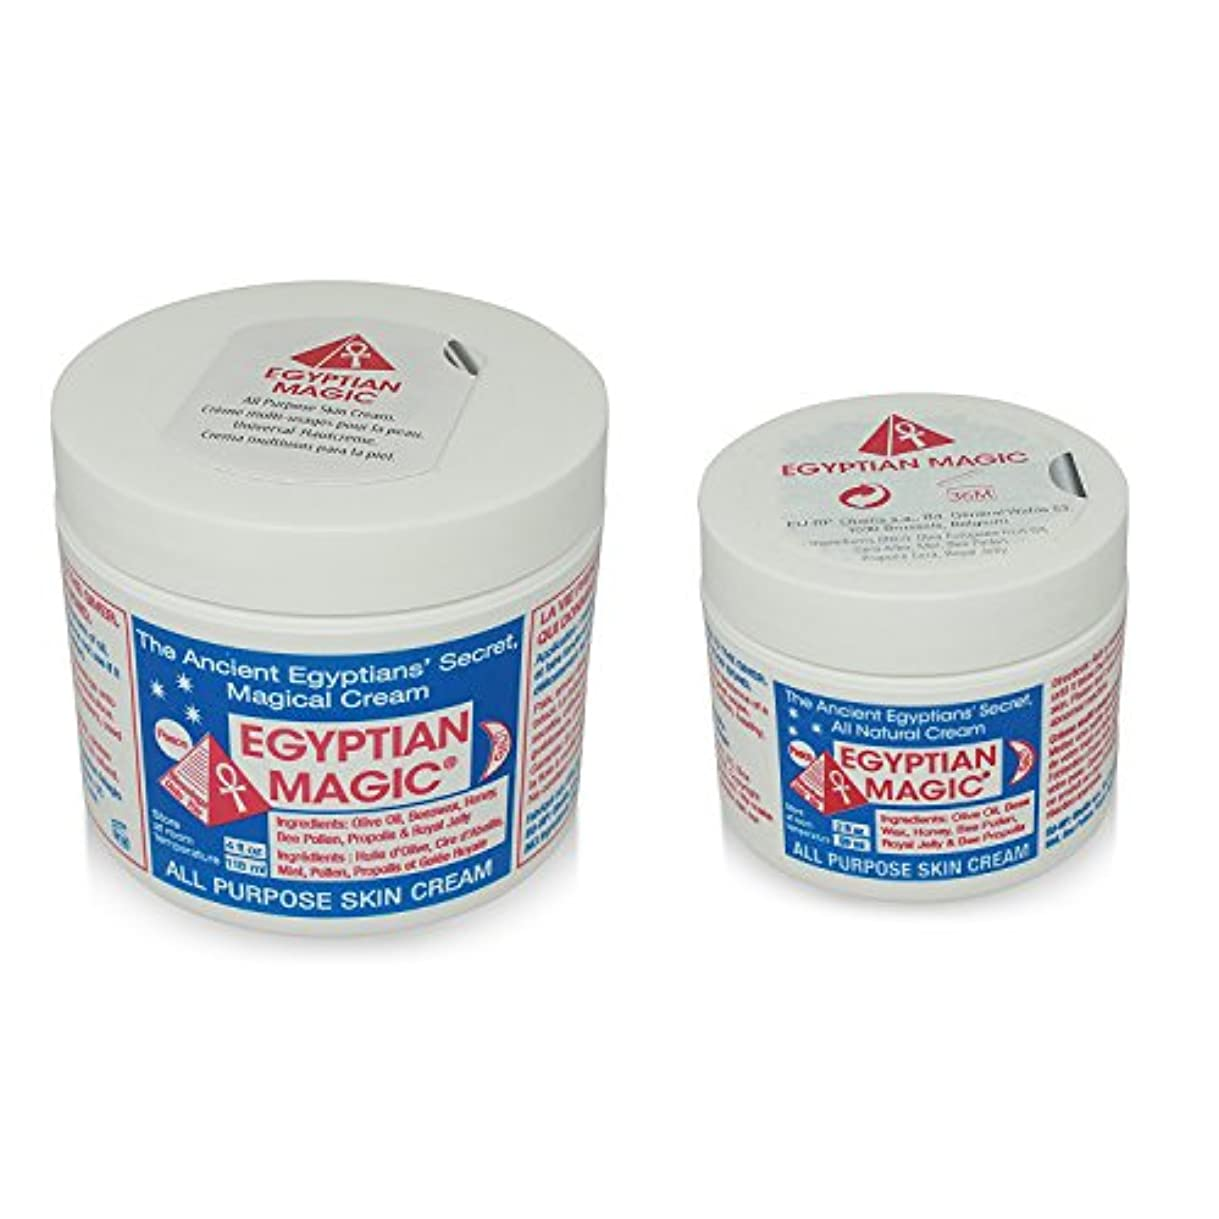 さびた浜辺Egyptian Magic Skin Cream エジプシャンマジッククリーム  (118ml)と(59ml)の2個セット